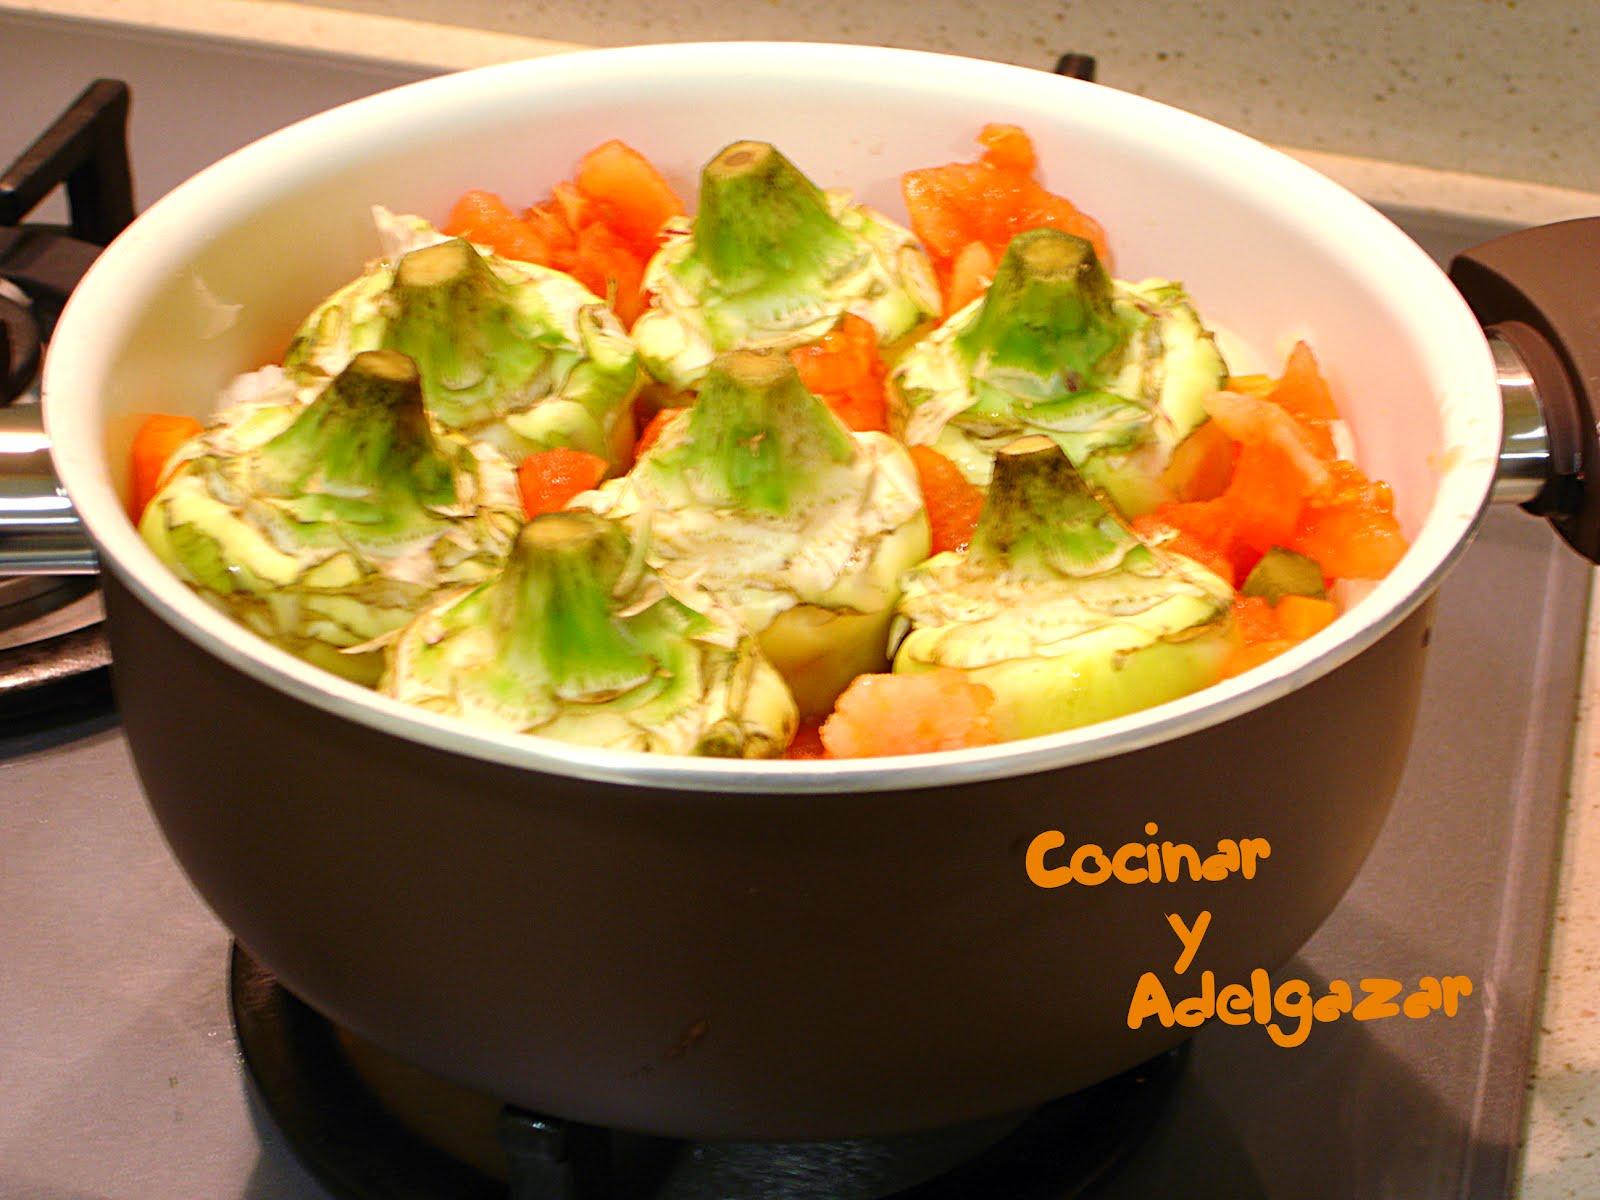 Cocinar y adelgazar verduras de invierno for Cocinar y adelgazar